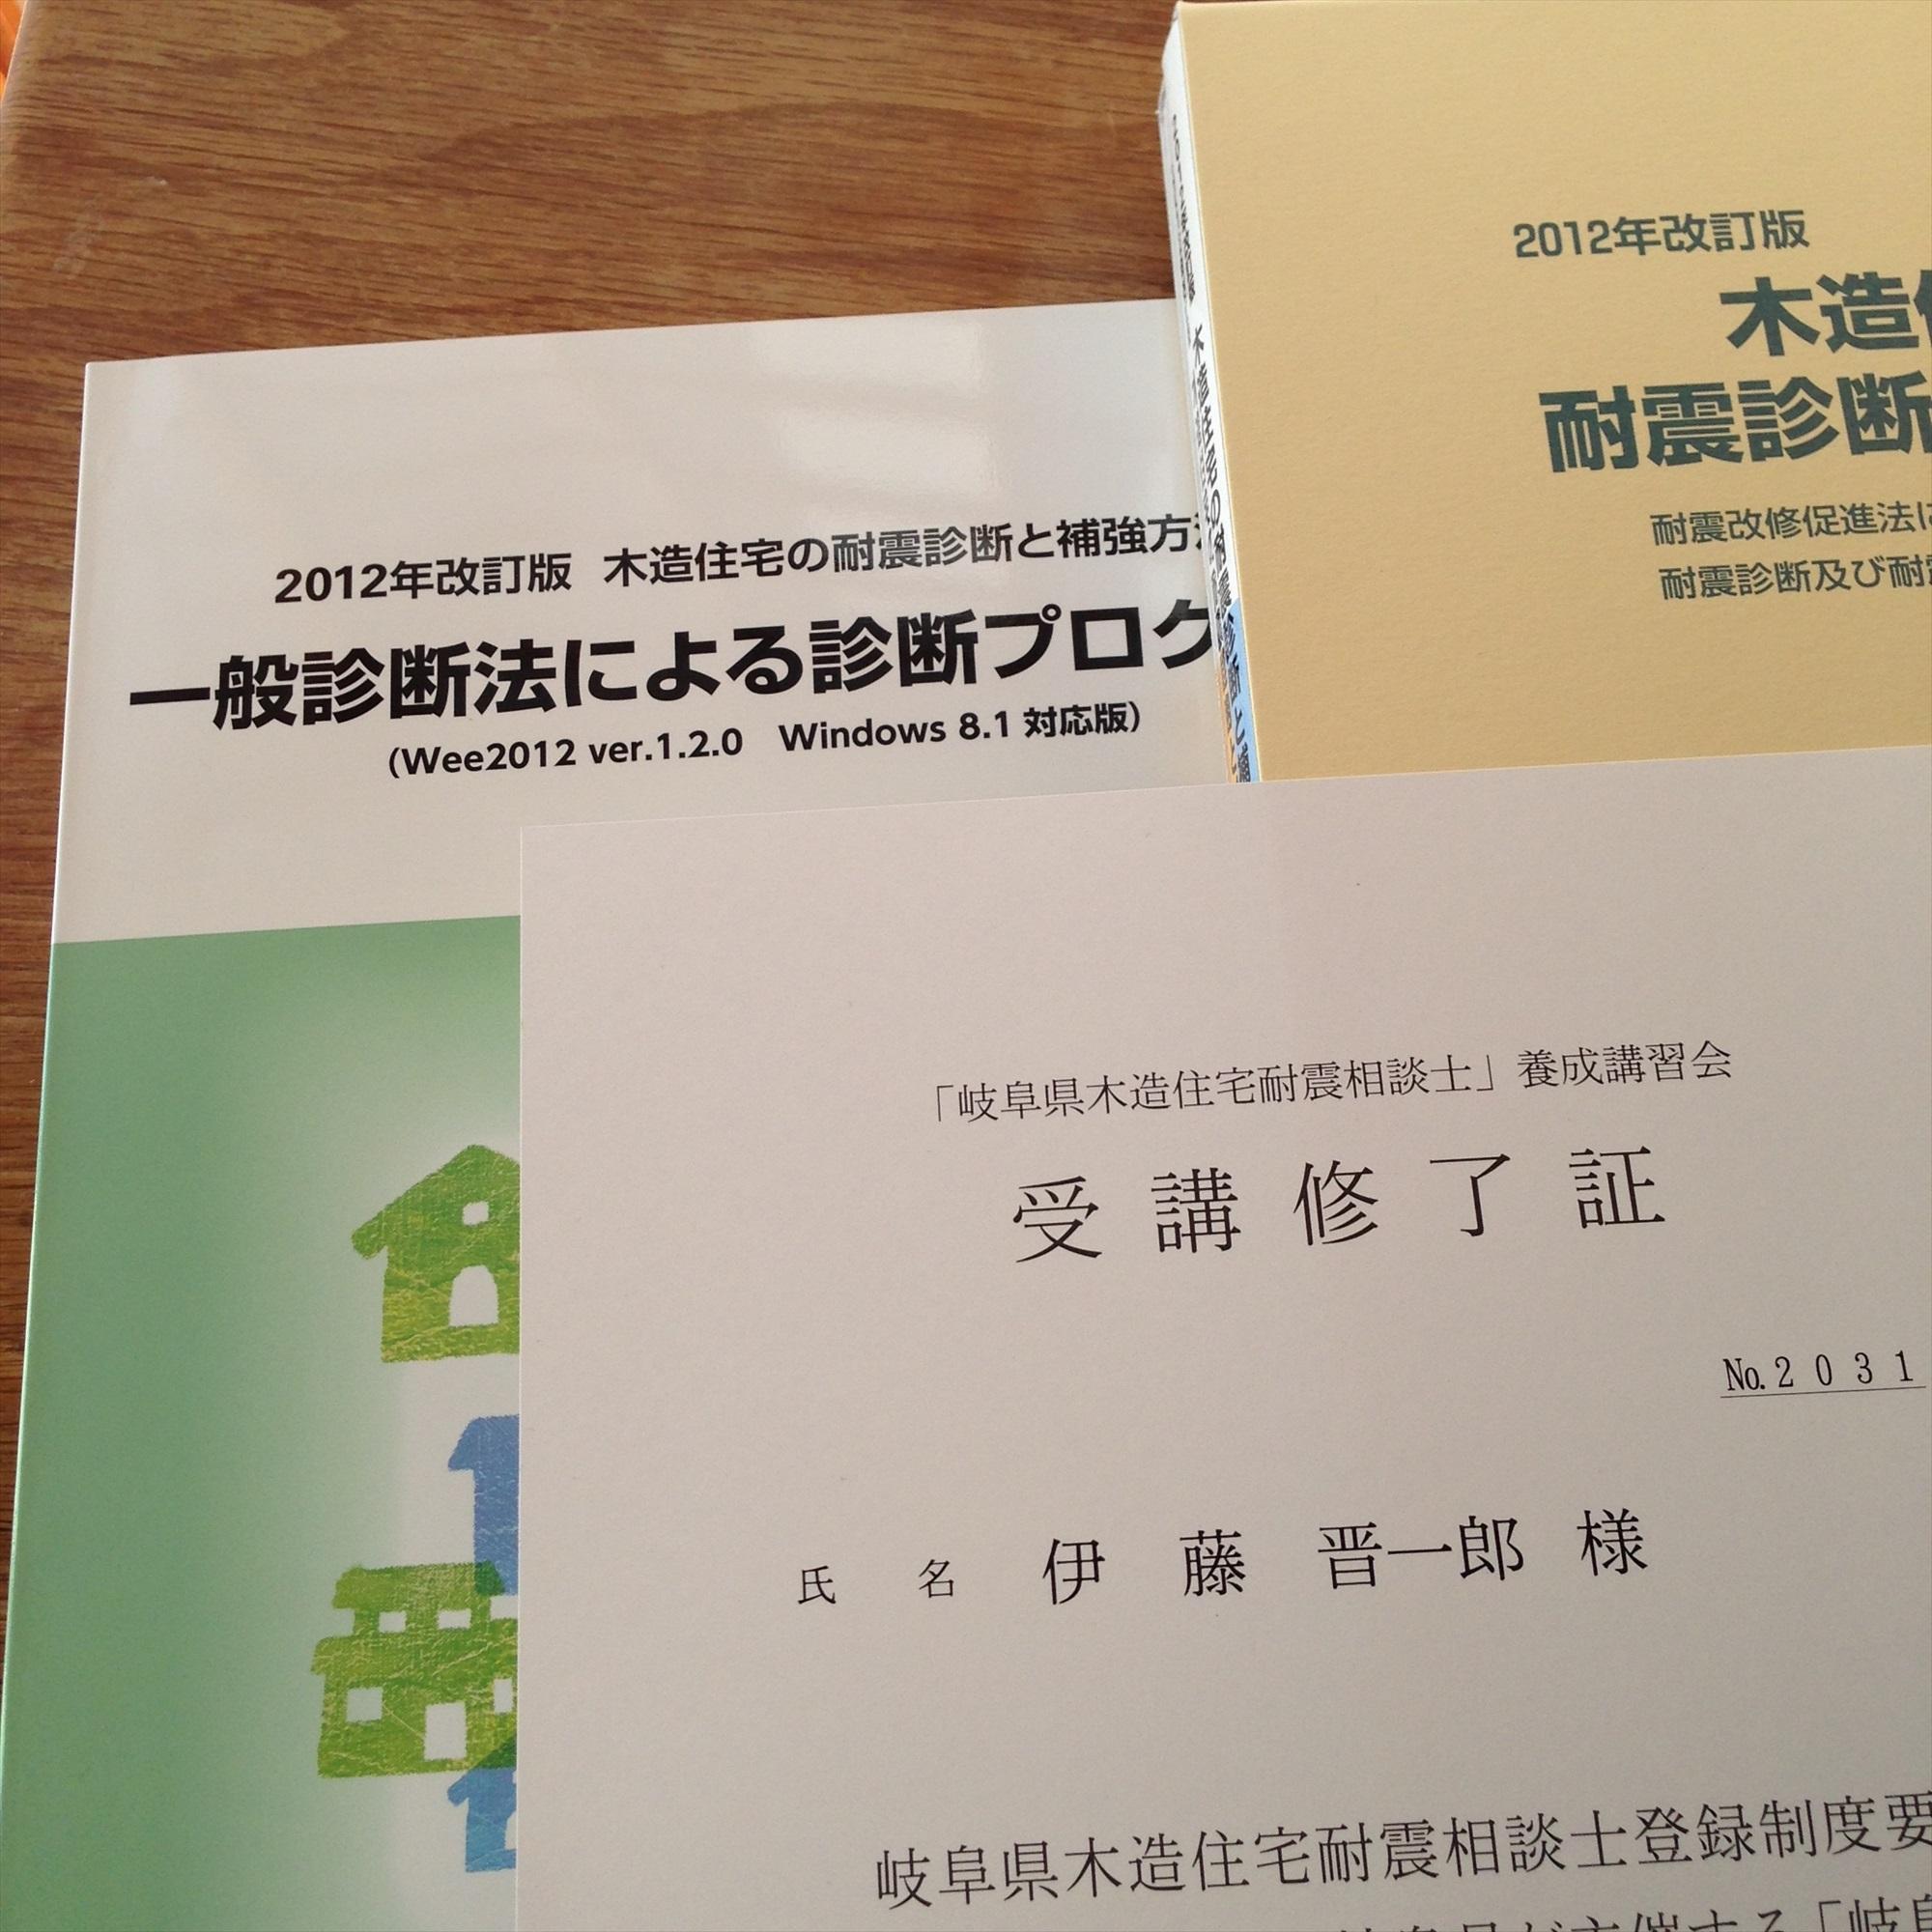 岐阜県木造住宅耐震相談士の講習会に行って来ました